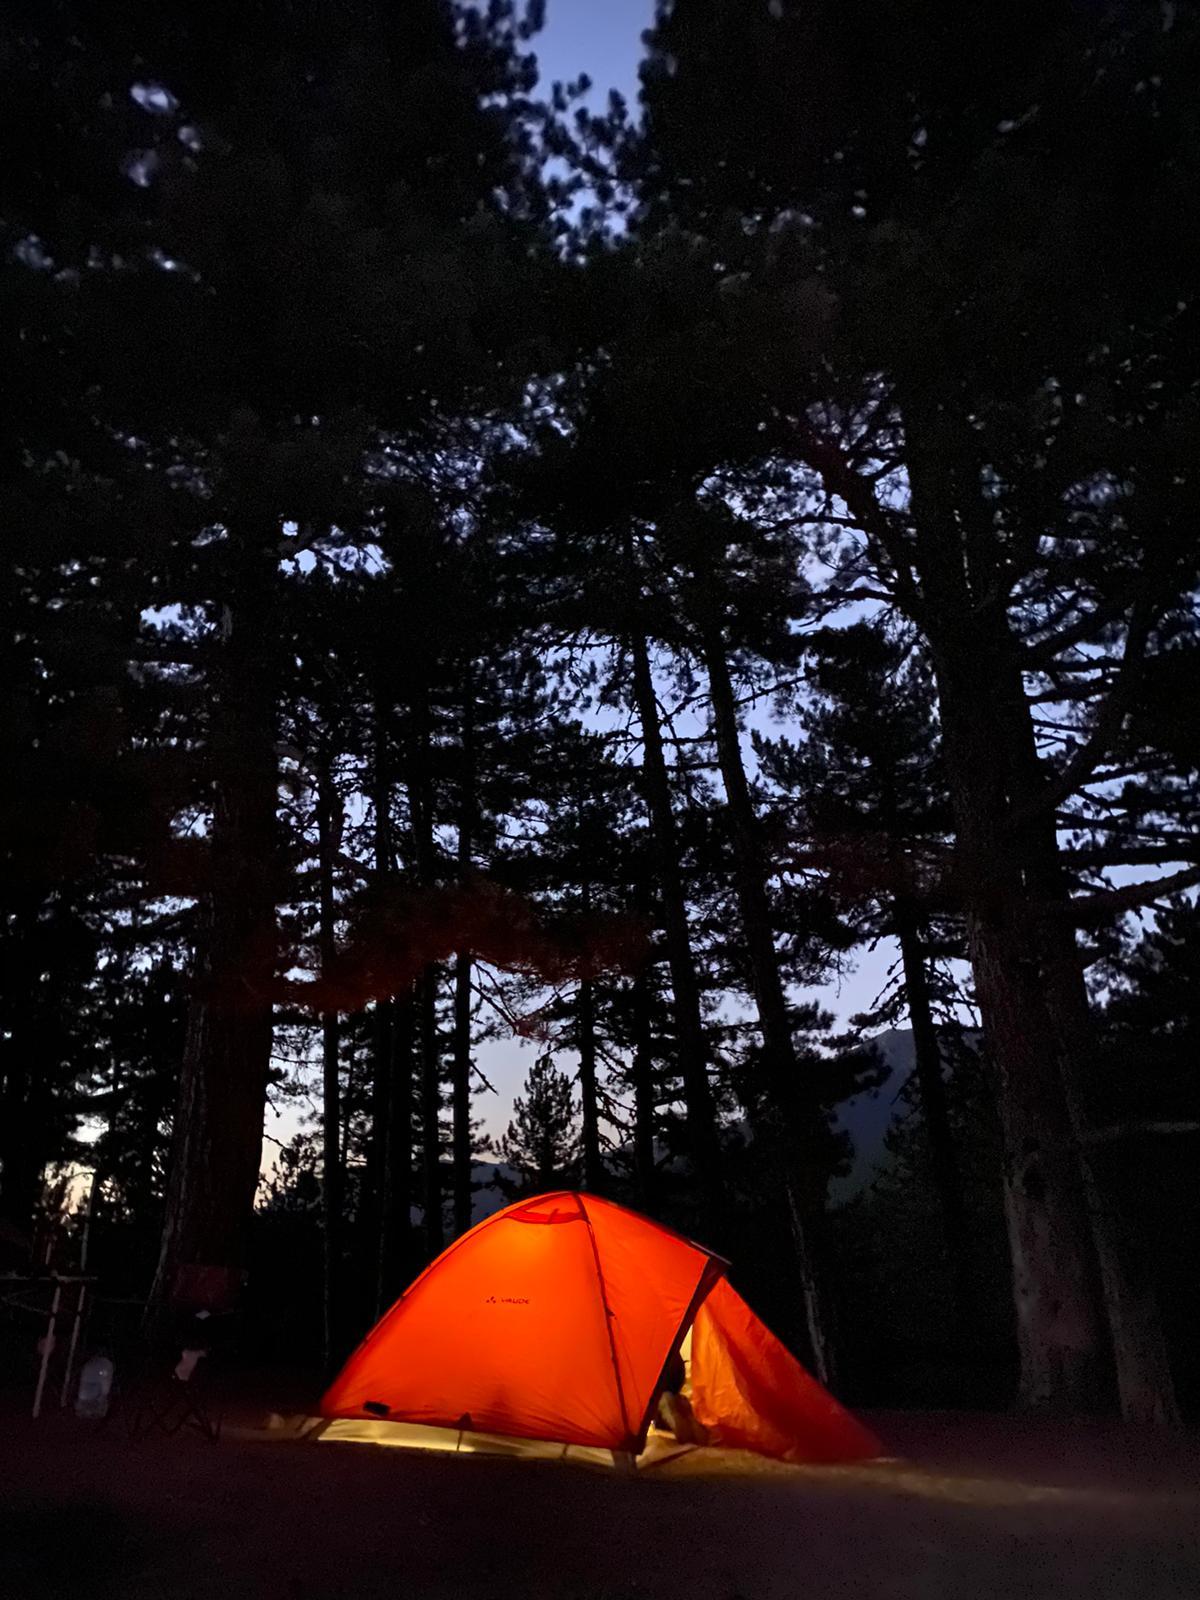 Dedegöl Dağı kamp alanı ağaçlar arasında turuncu çadır